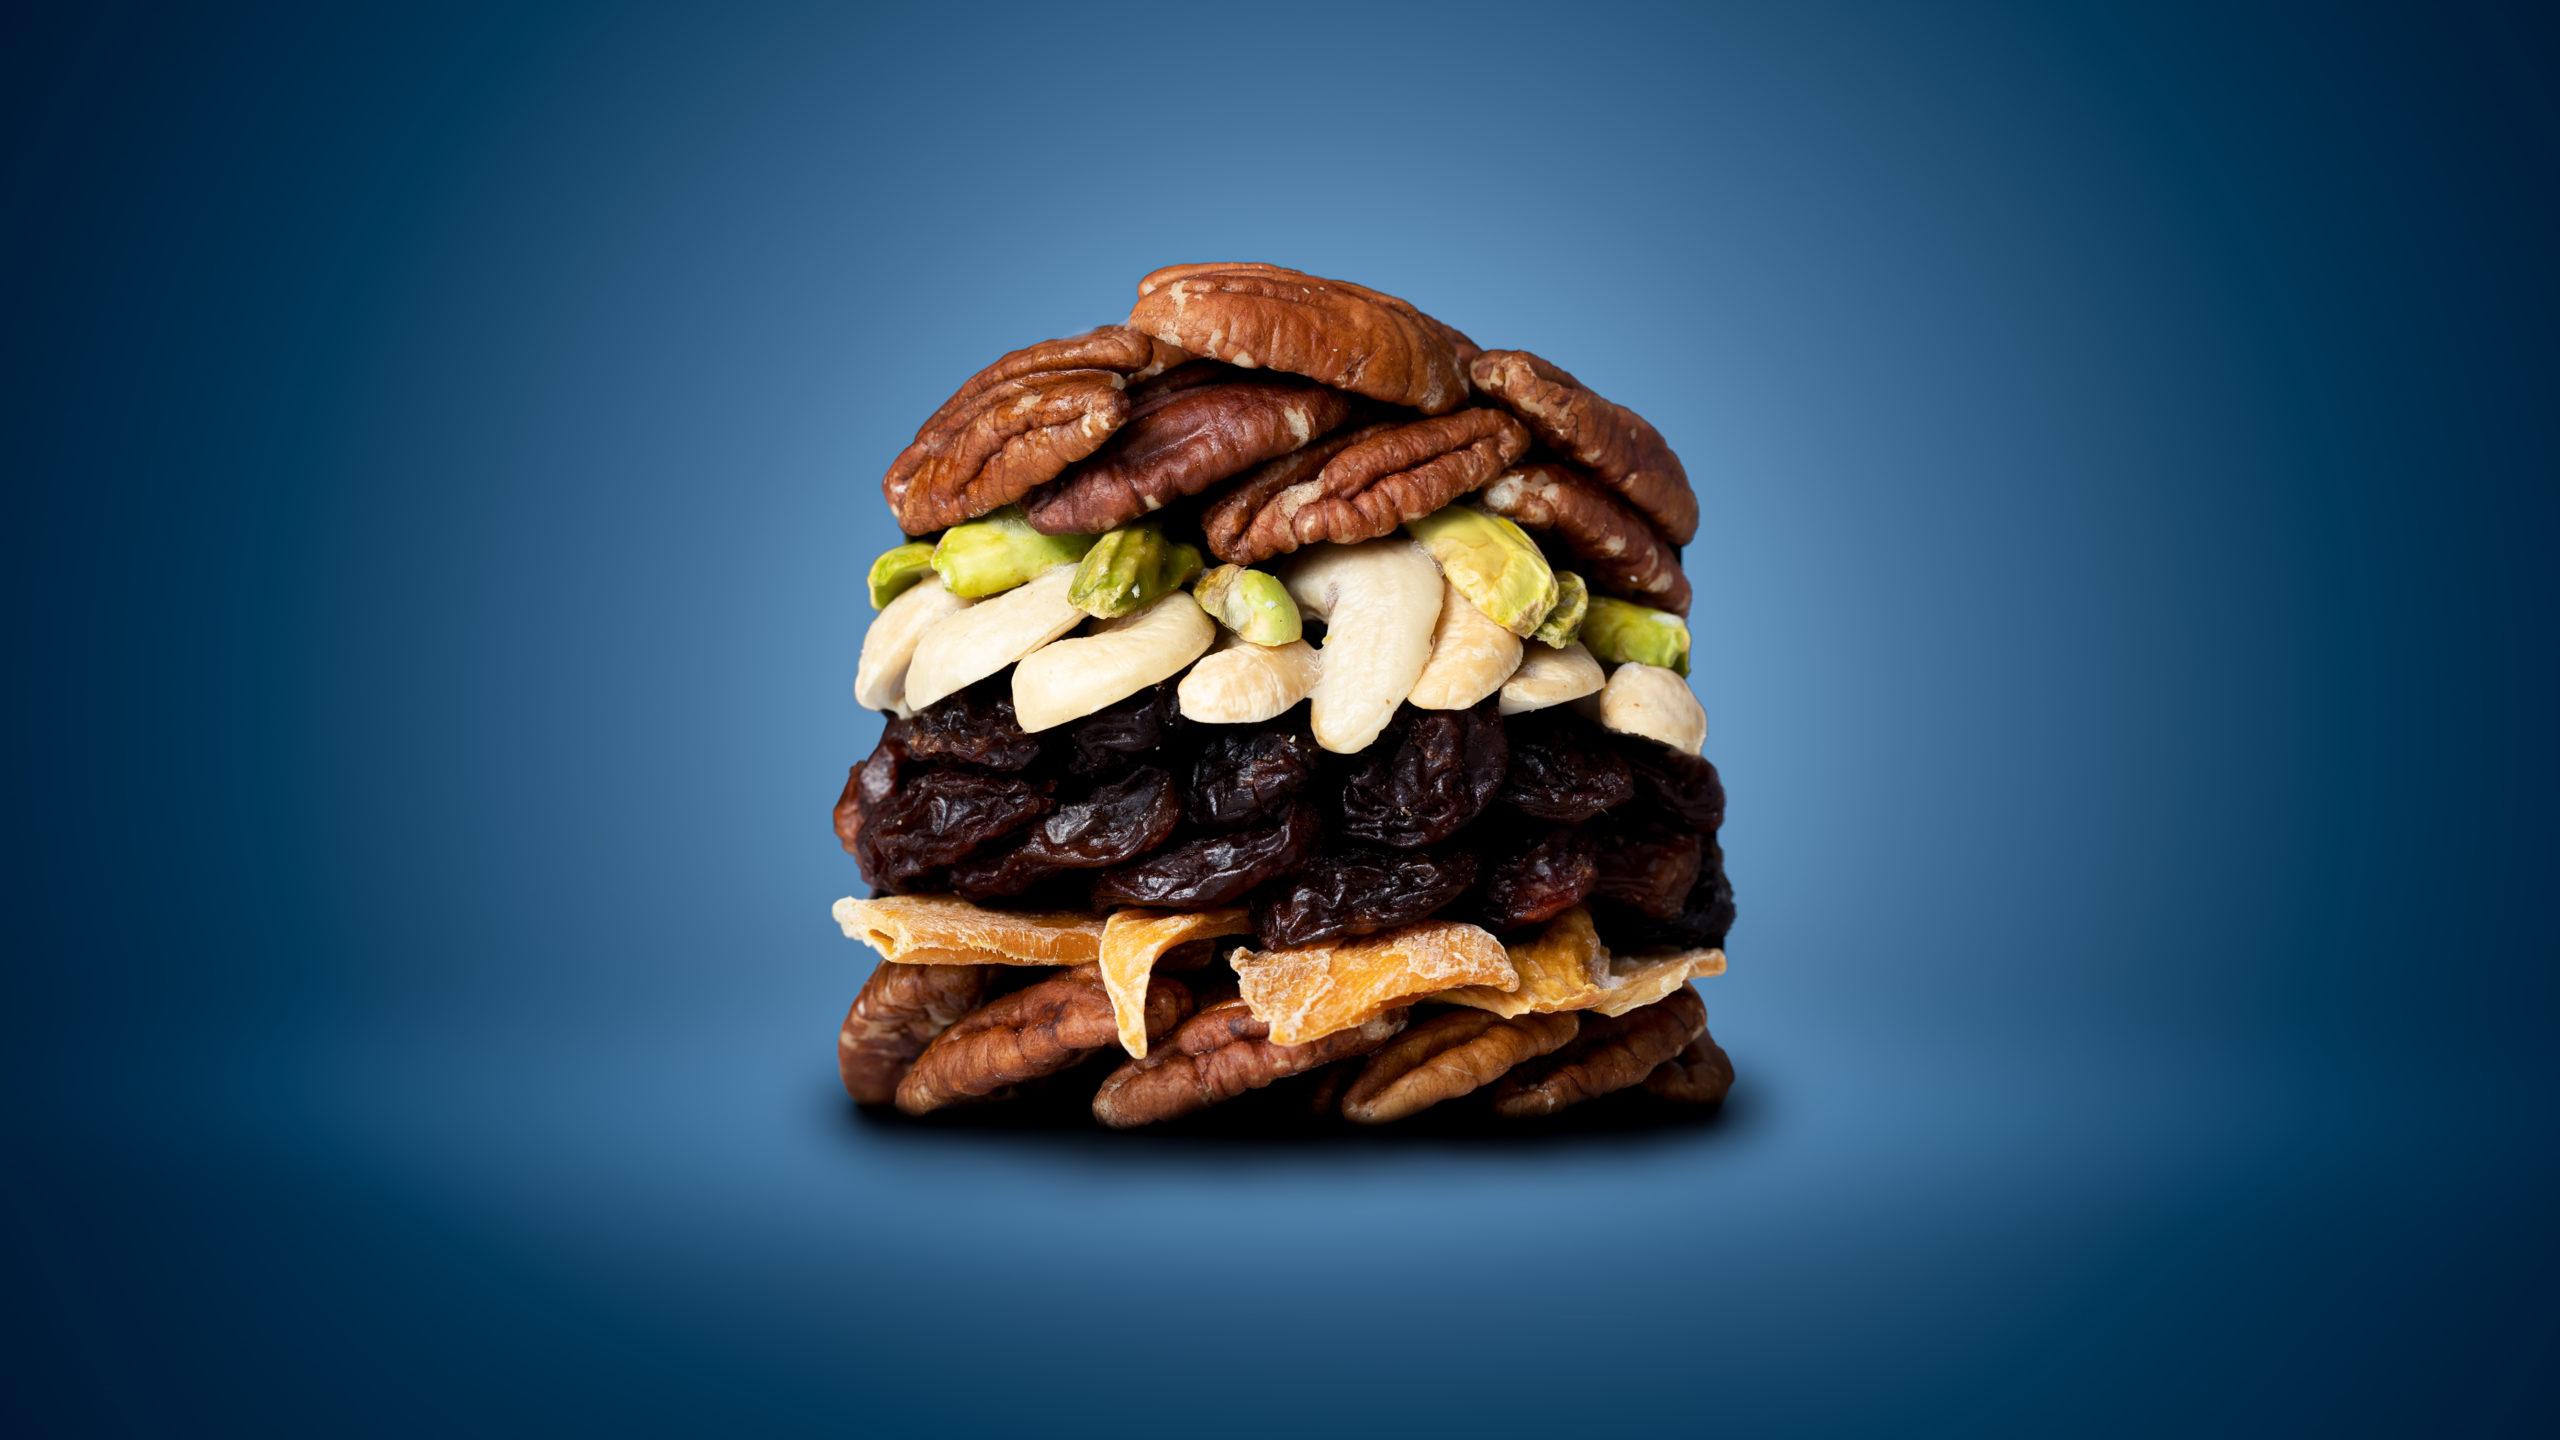 Peanut Burger 1 Krystian Krzewinski